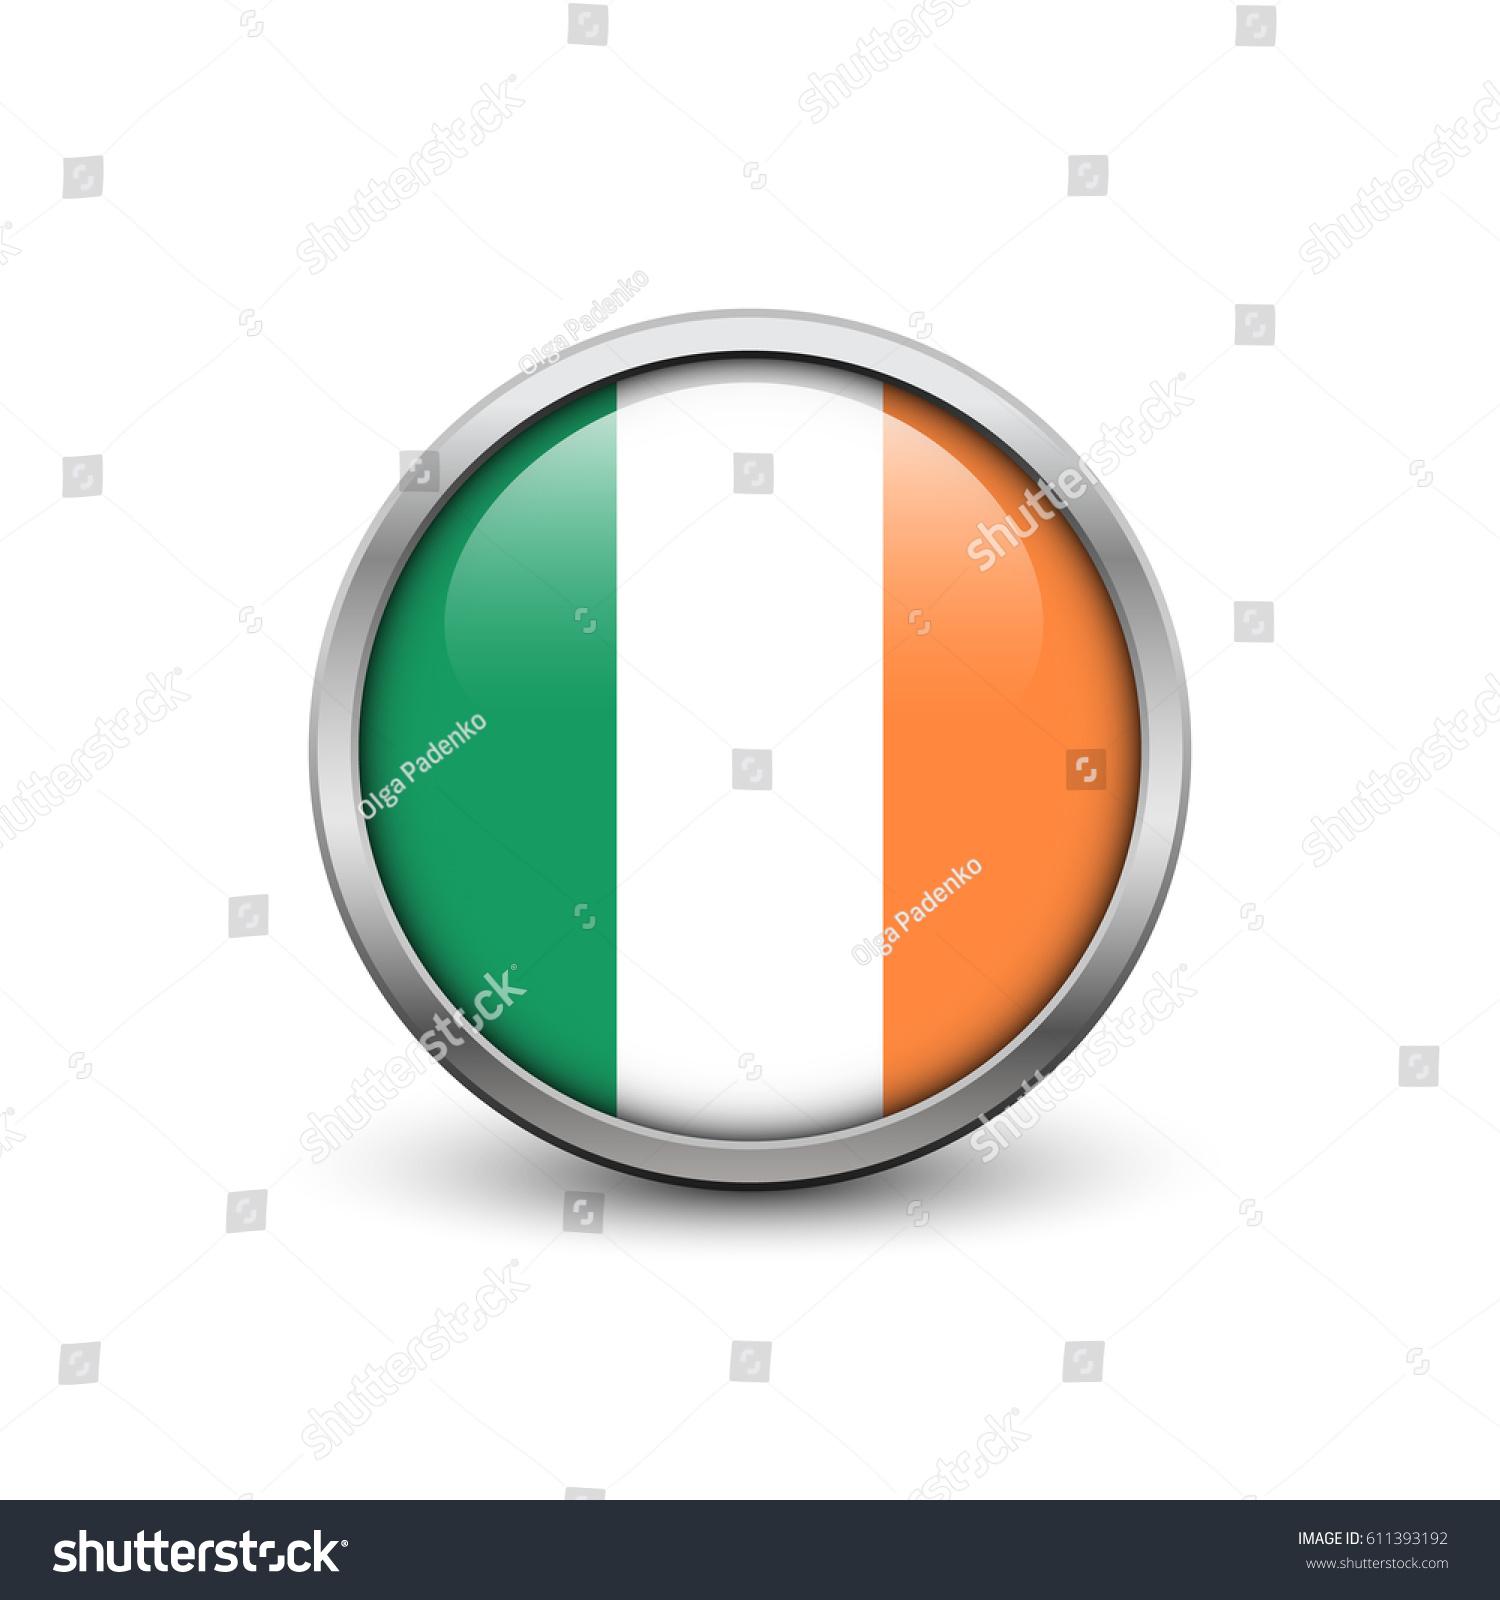 flag ireland button metal frame shadow stock vector 611393192